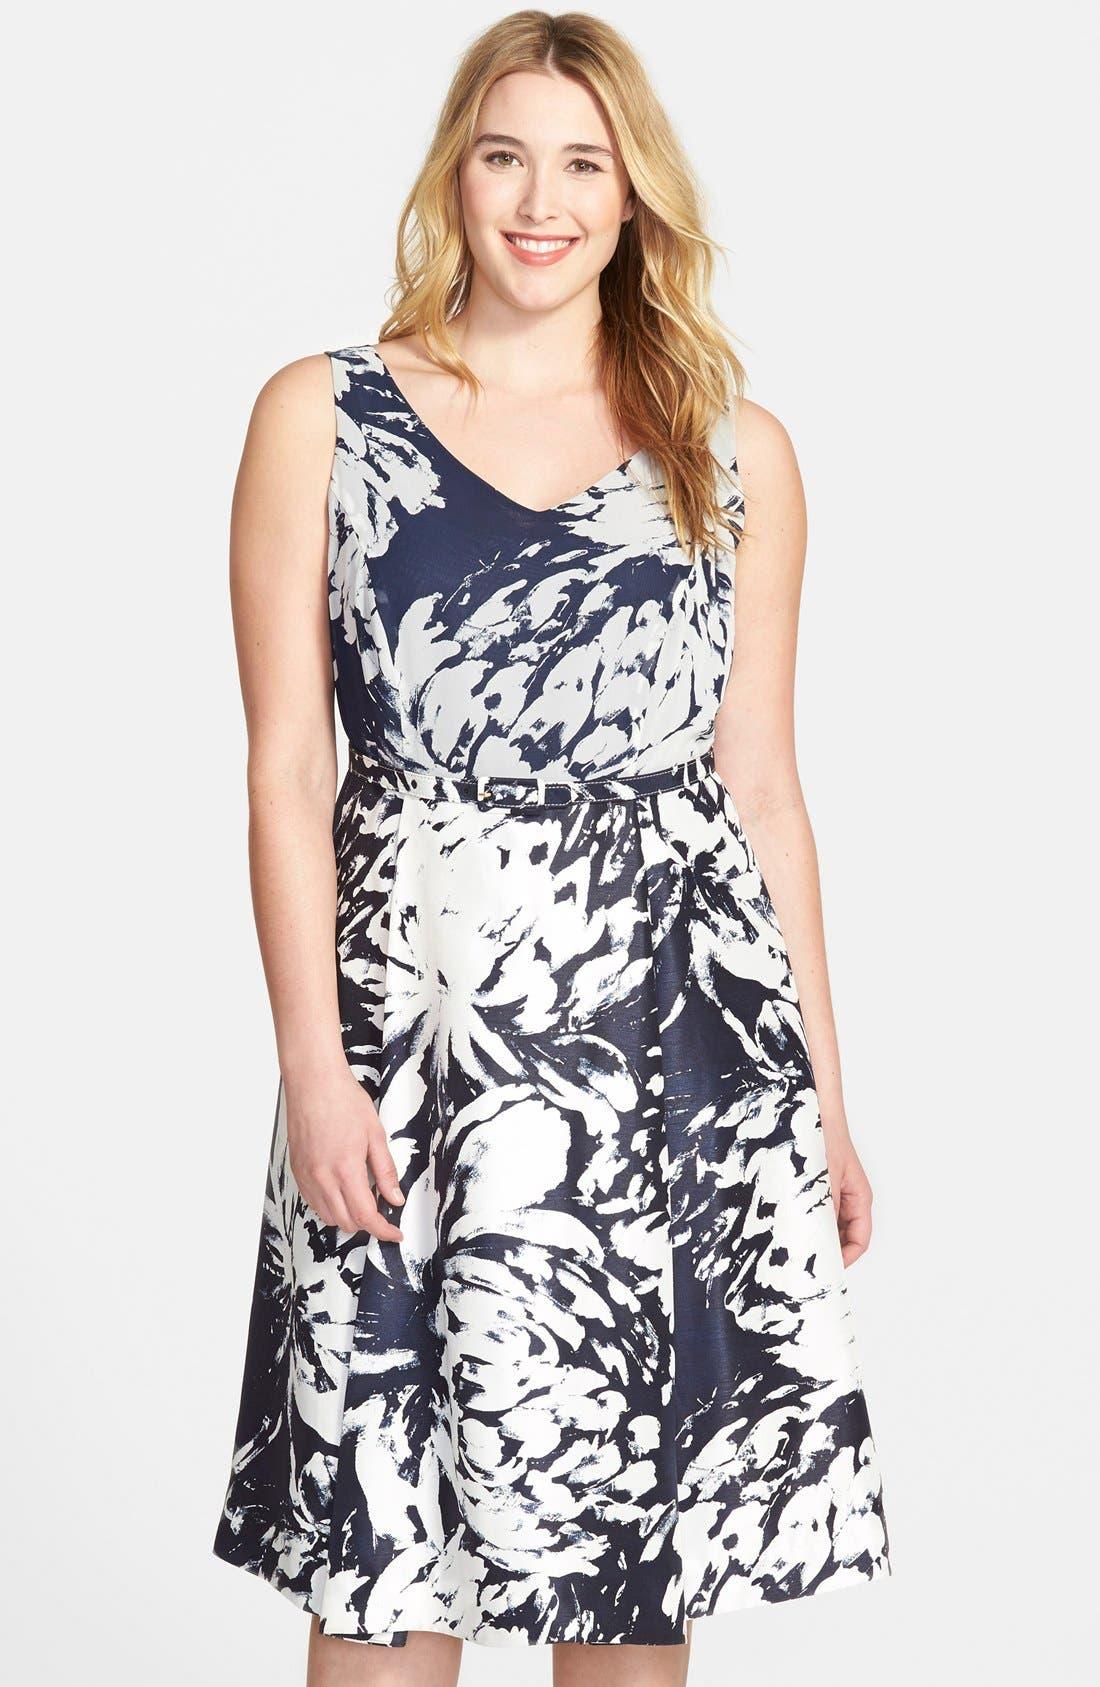 Main Image - Taylor Dresses Floral  V-Neck Fit & Flare Dress  (Plus Size)